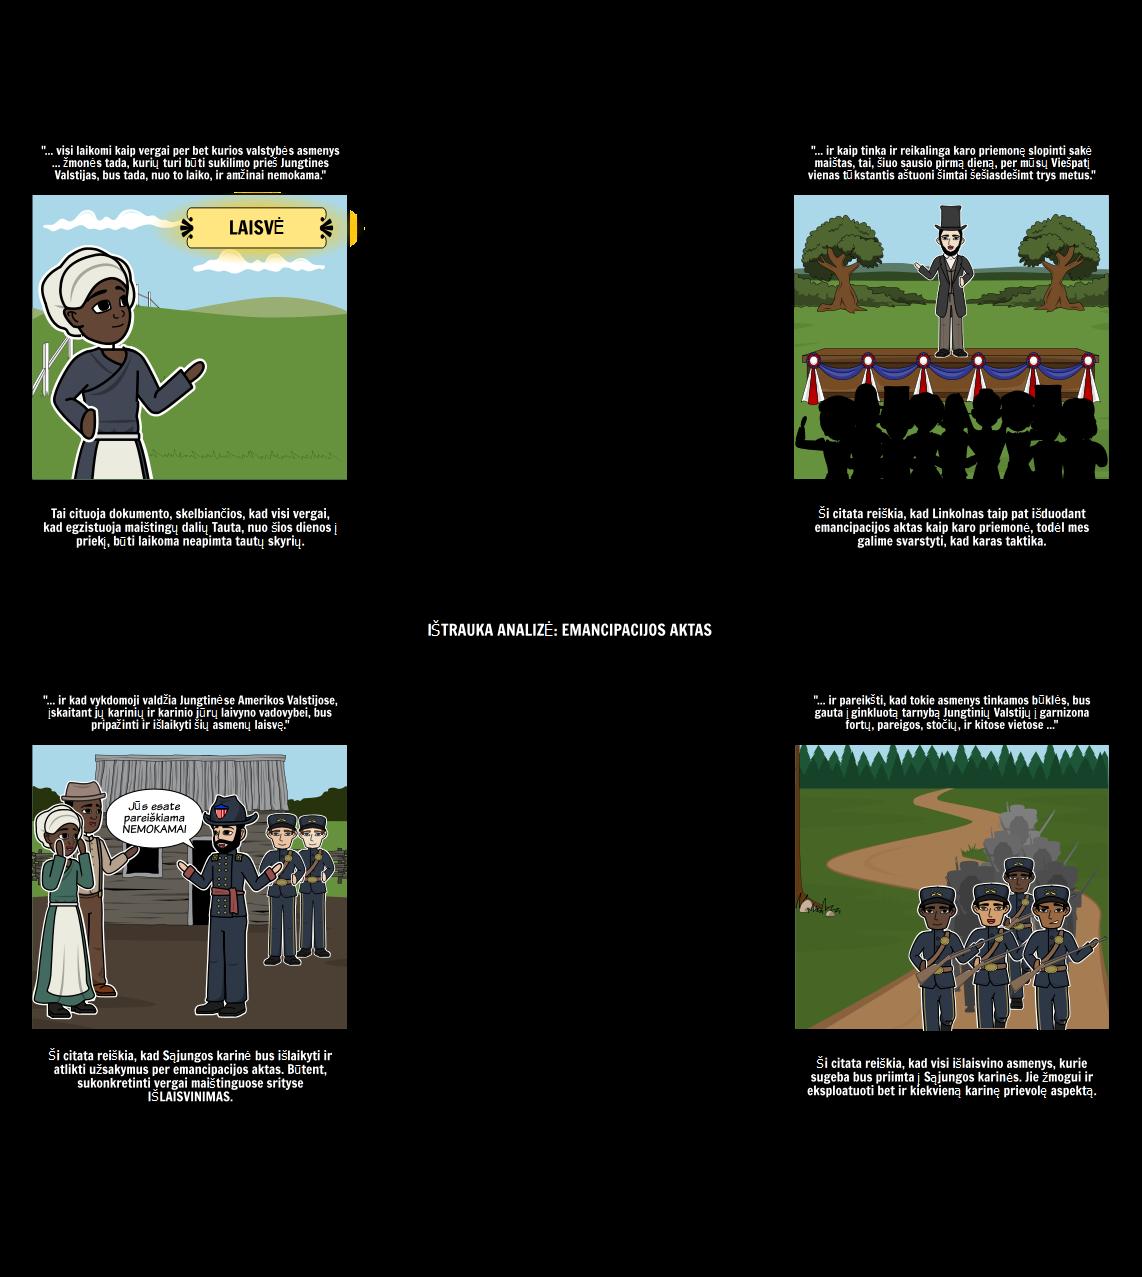 Emancipacijos Aktas Ištrauka Analizė